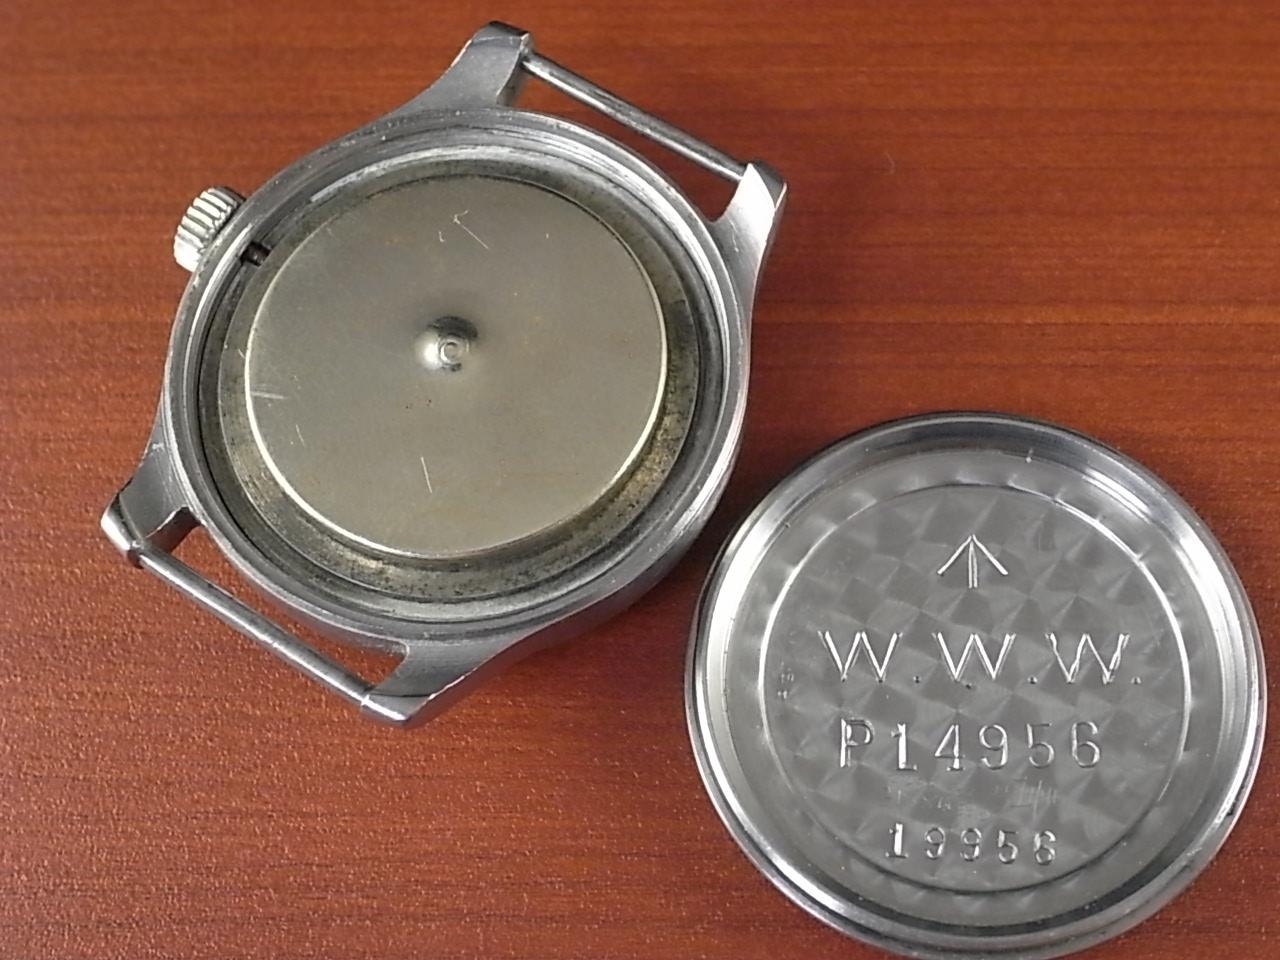 シーマ 軍用時計 イギリス陸軍 W.W.W. ラージケース 第二次世界大戦 1940年代の写真6枚目